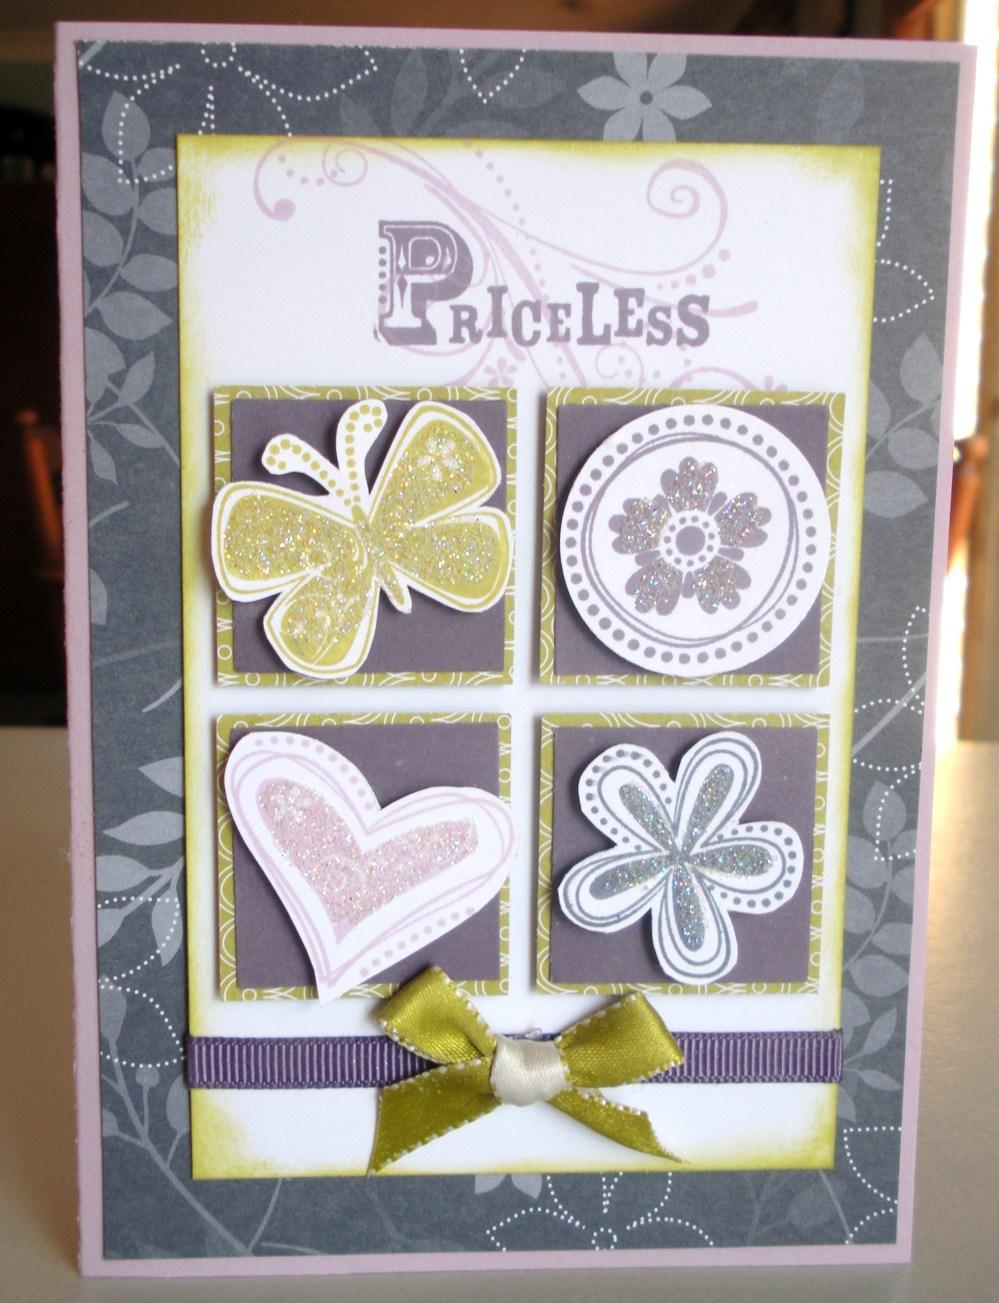 Sweeties' Aug09 Card Sketch 1